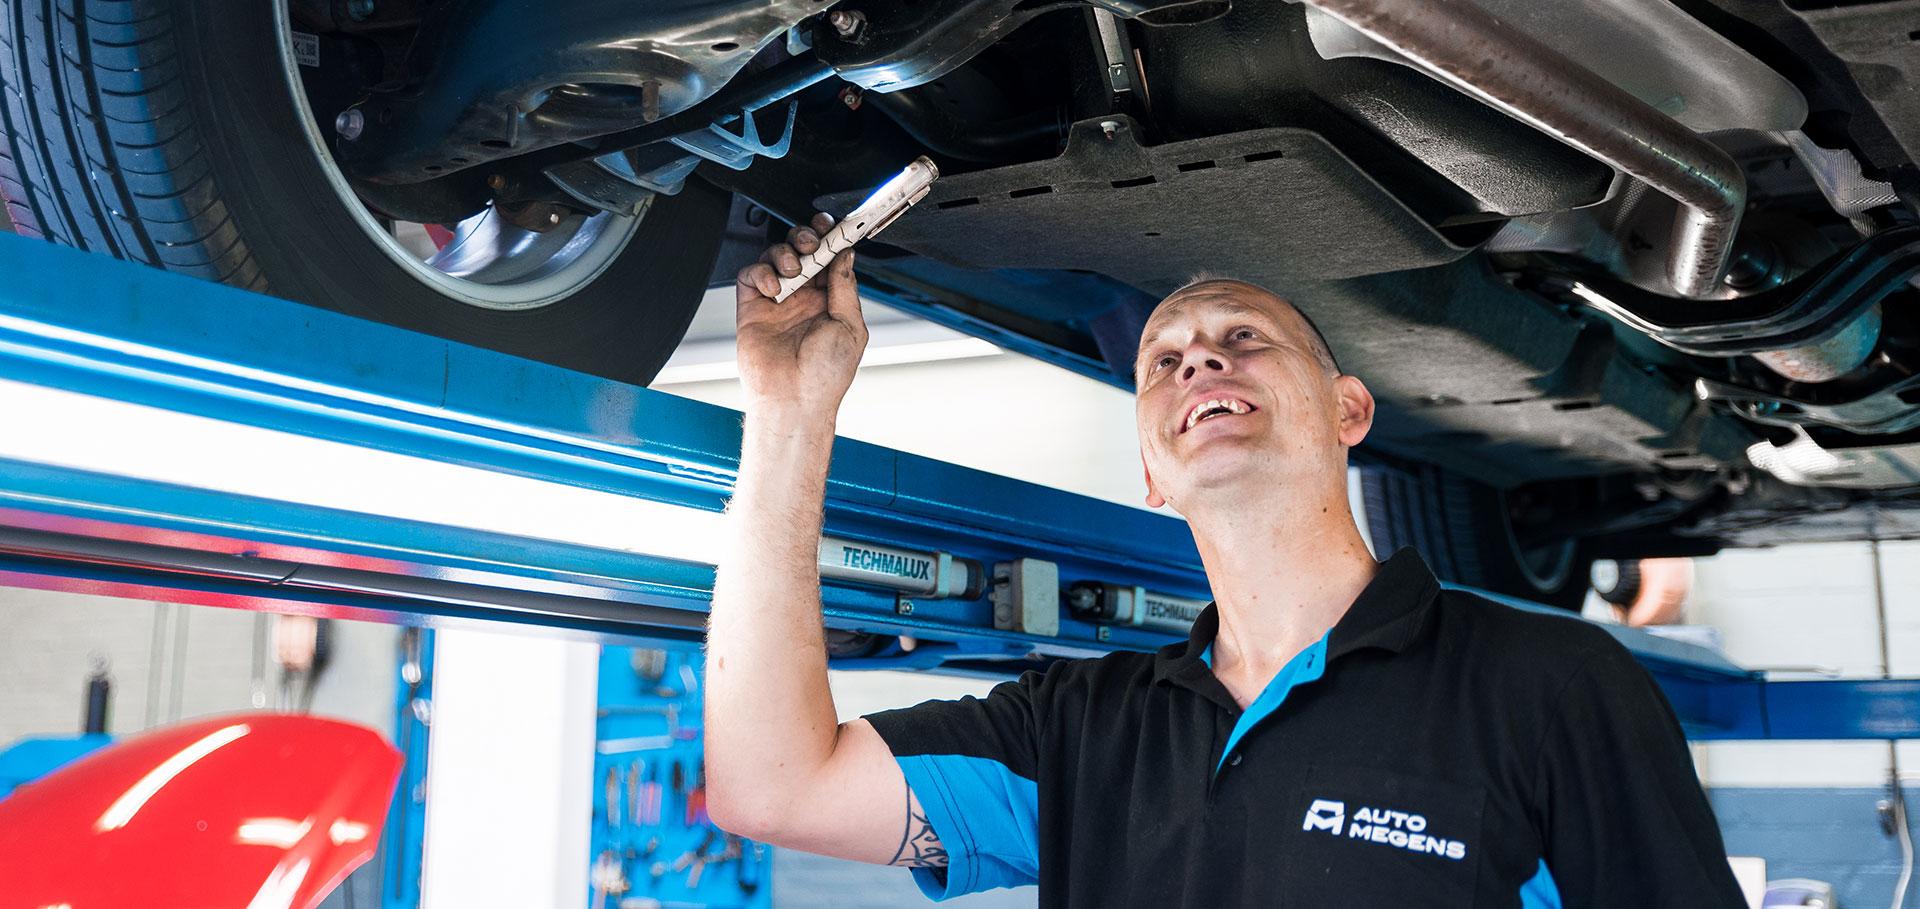 APK & Onderhoud bij Auto Megens